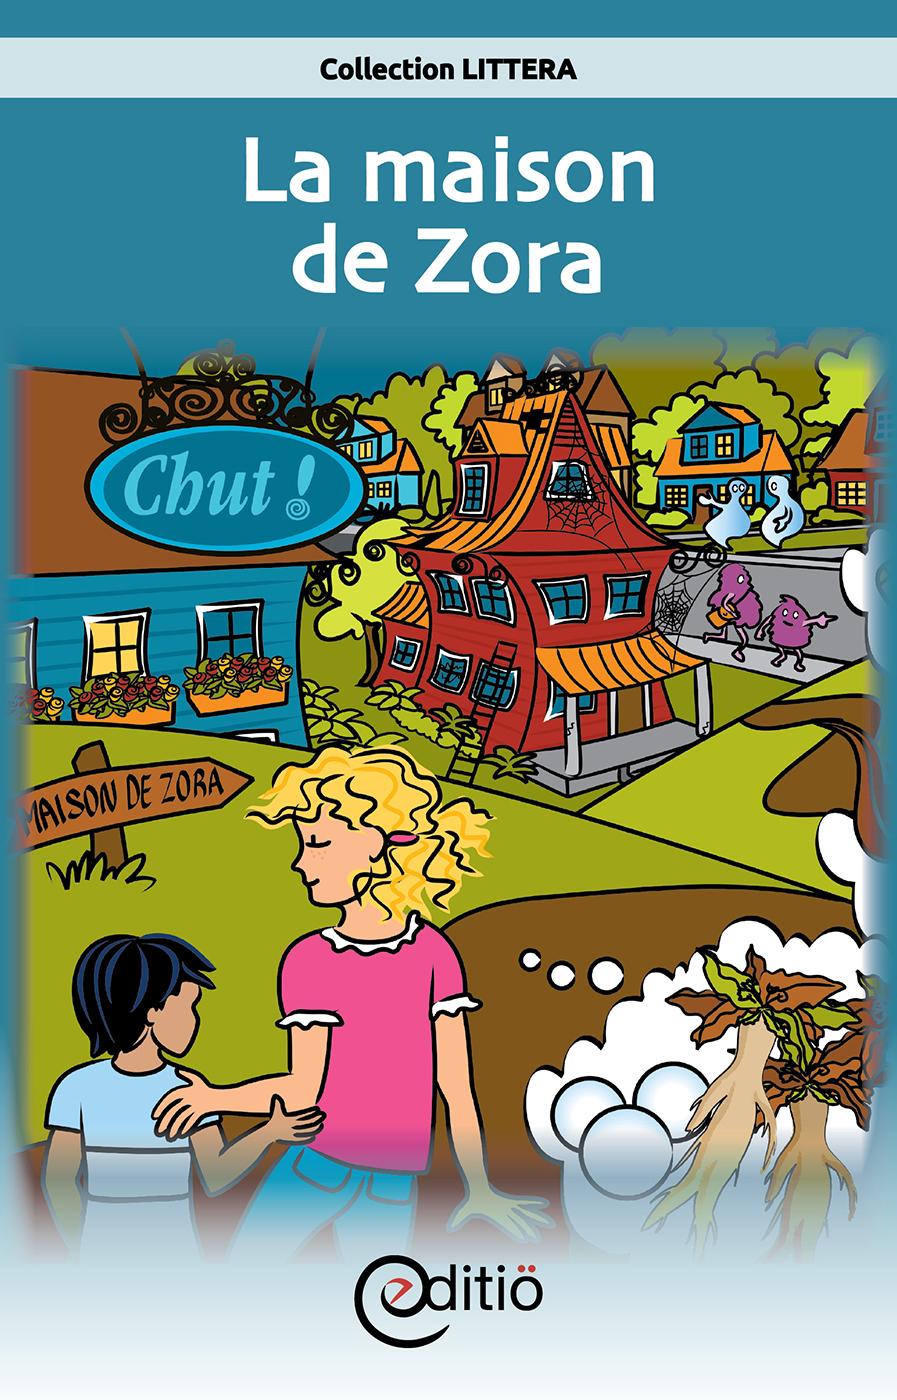 La maison de Zora